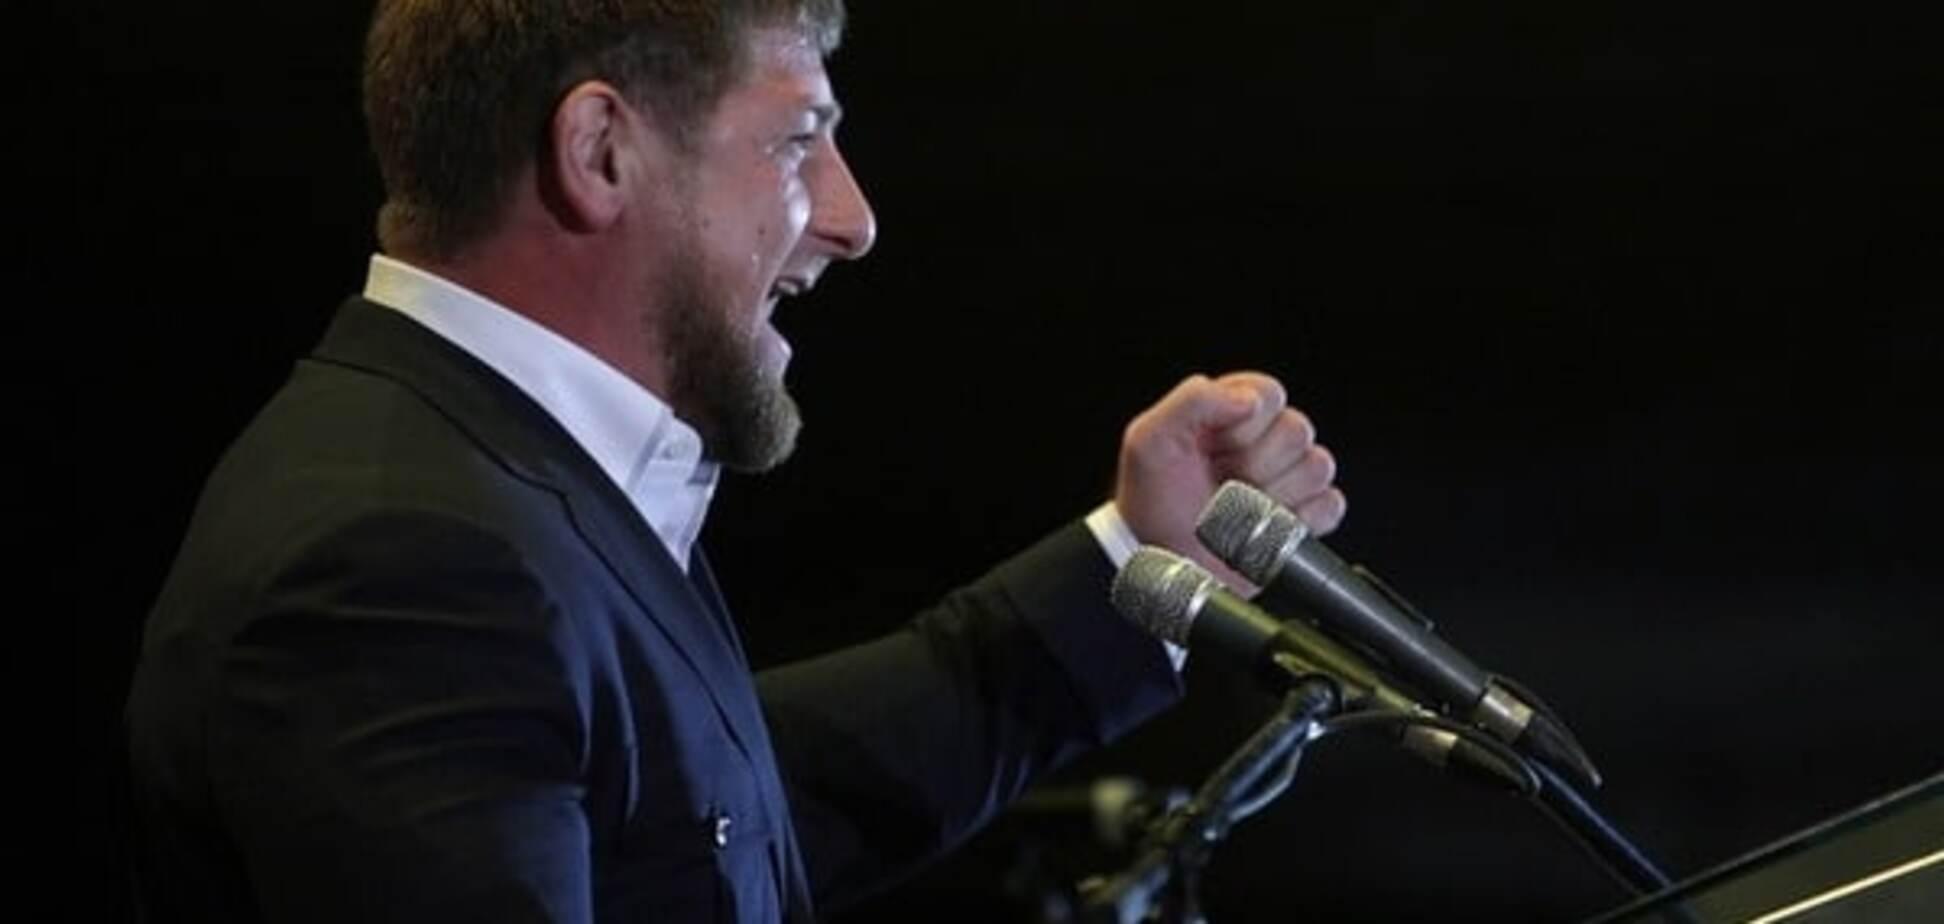 Сванидзе: Кадыров гарцует перед Кремлем, показывая свою силу